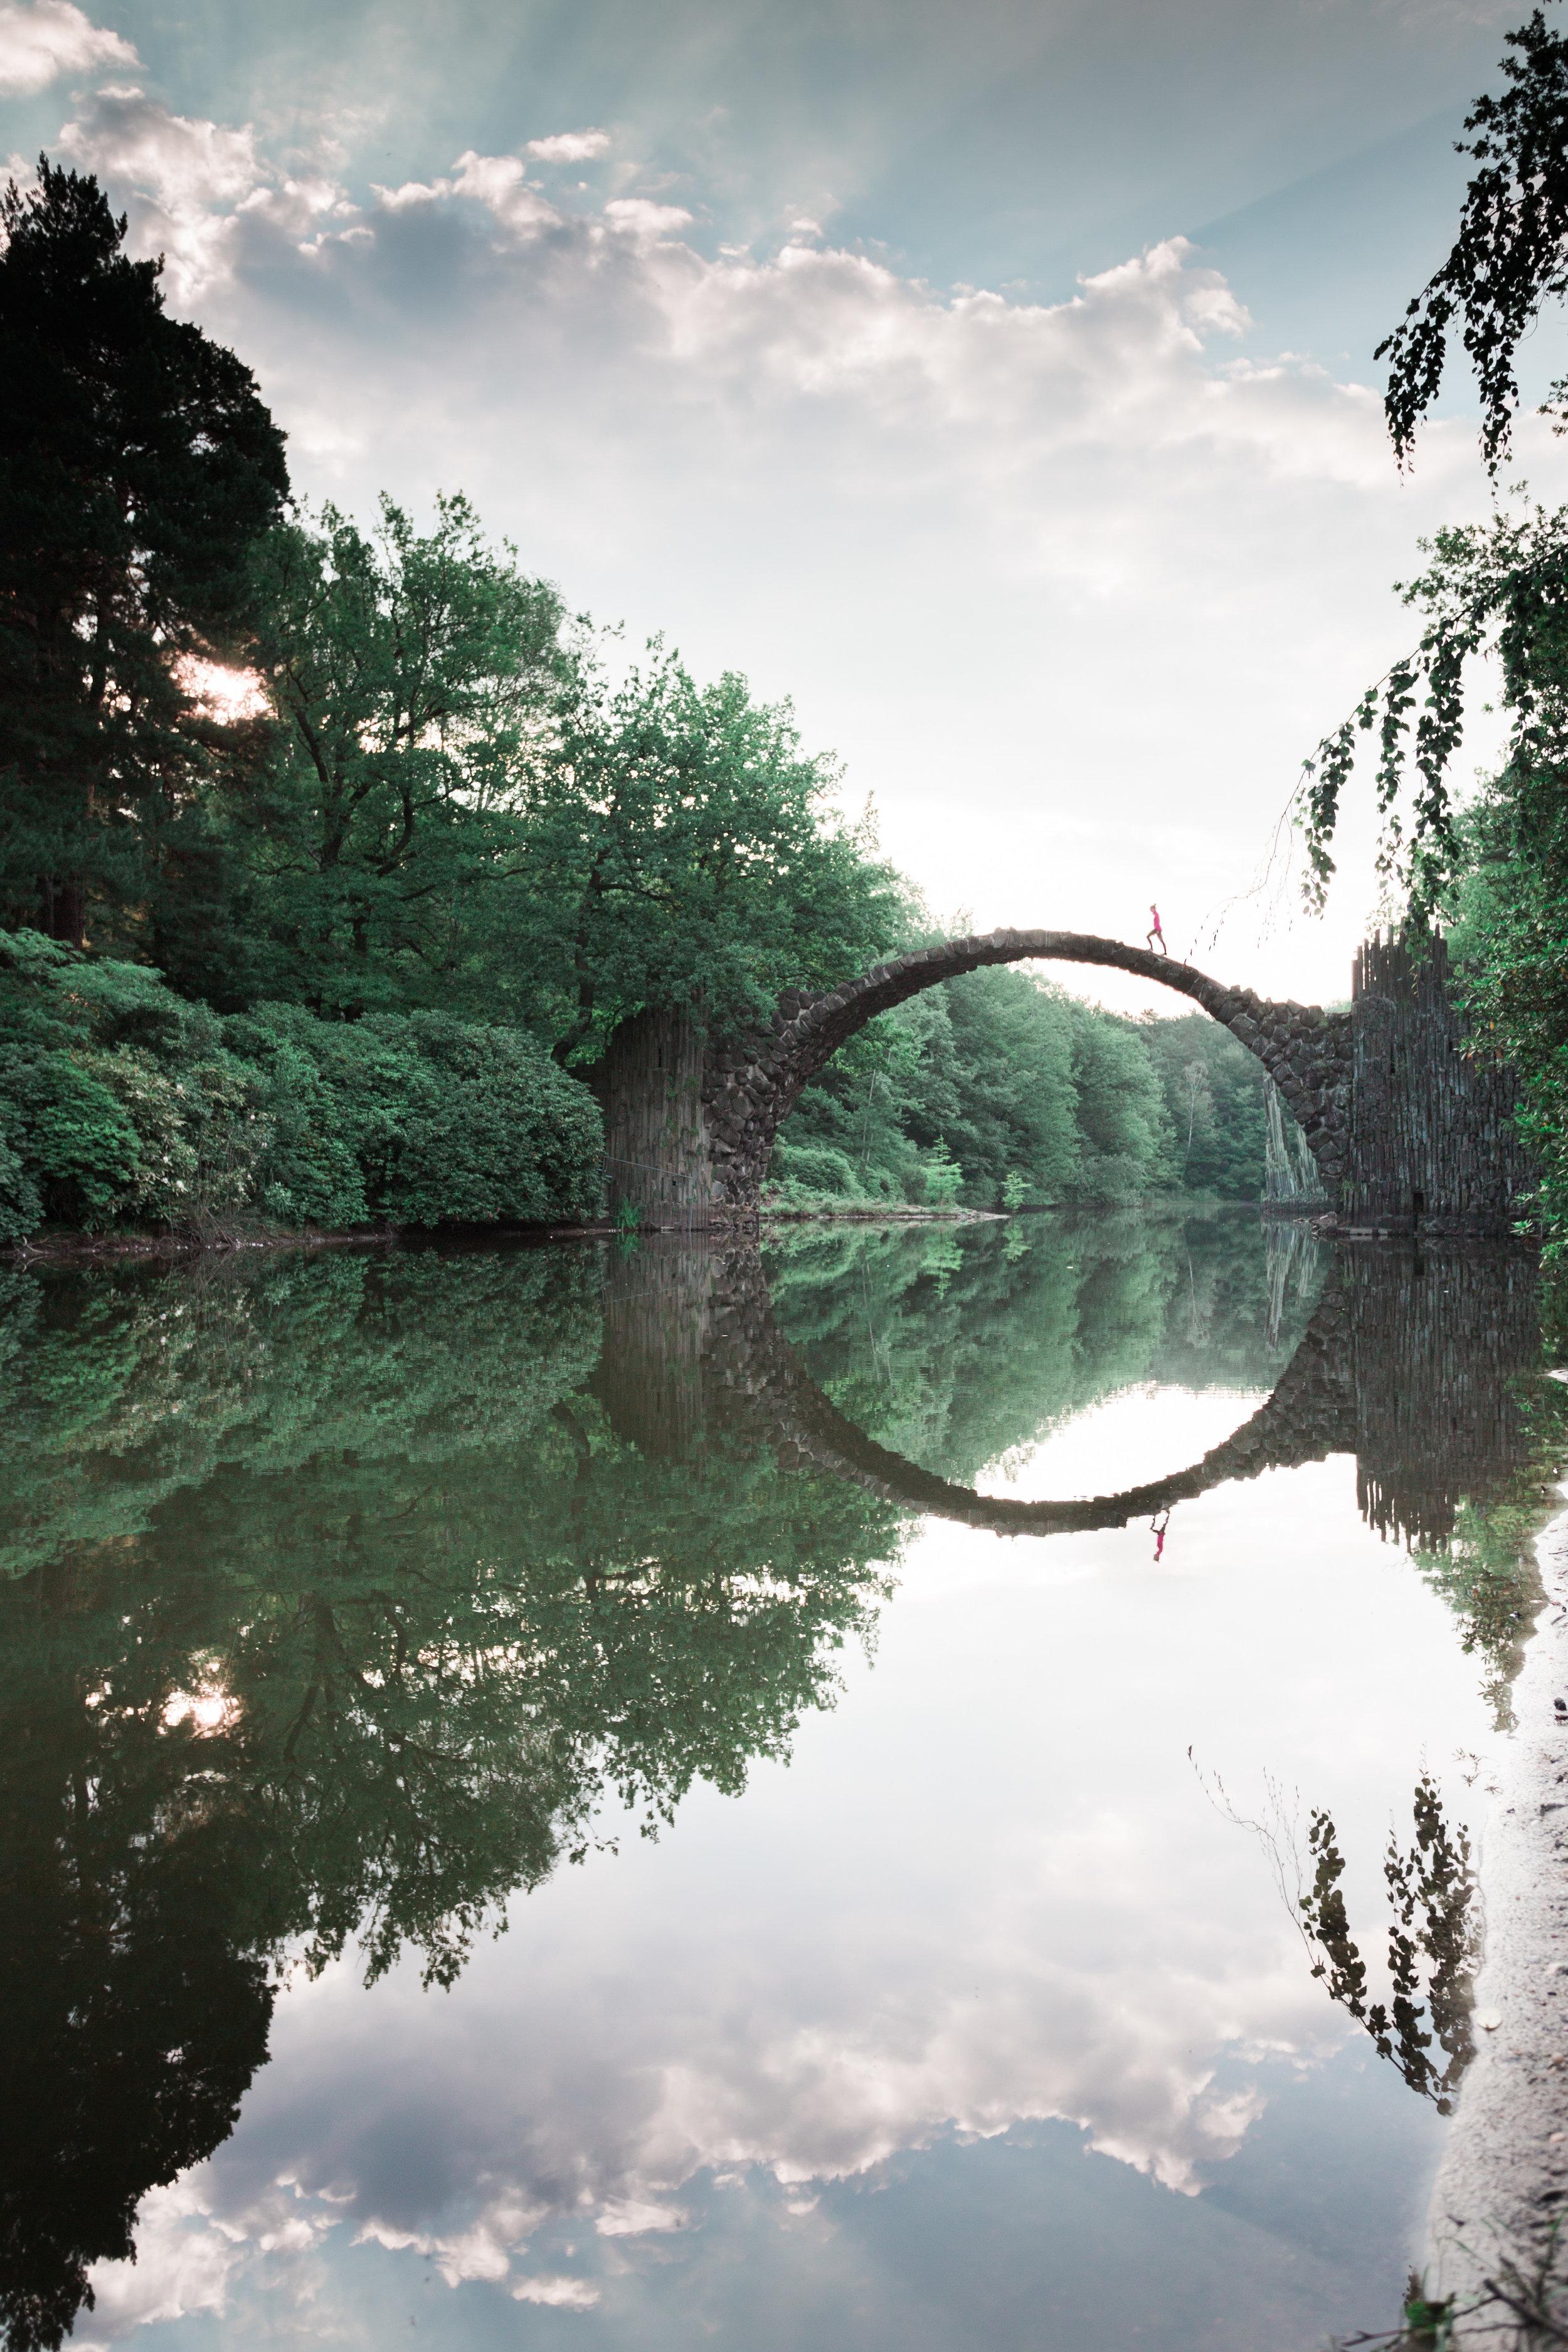 kromlauer-park-germany-bridge.jpg